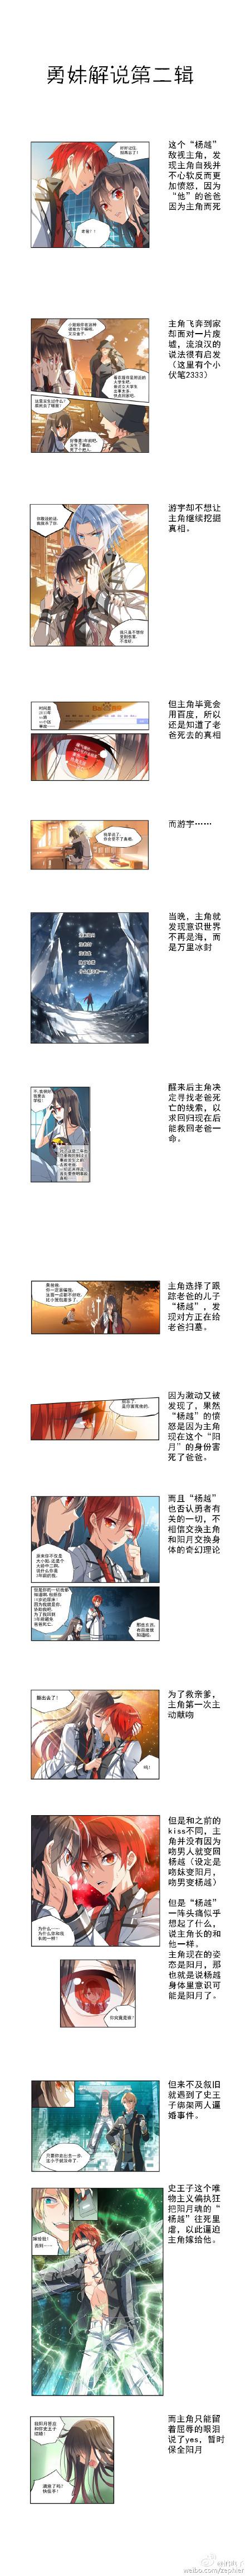 鳩也子的微博 (第8頁) - 微博台灣站